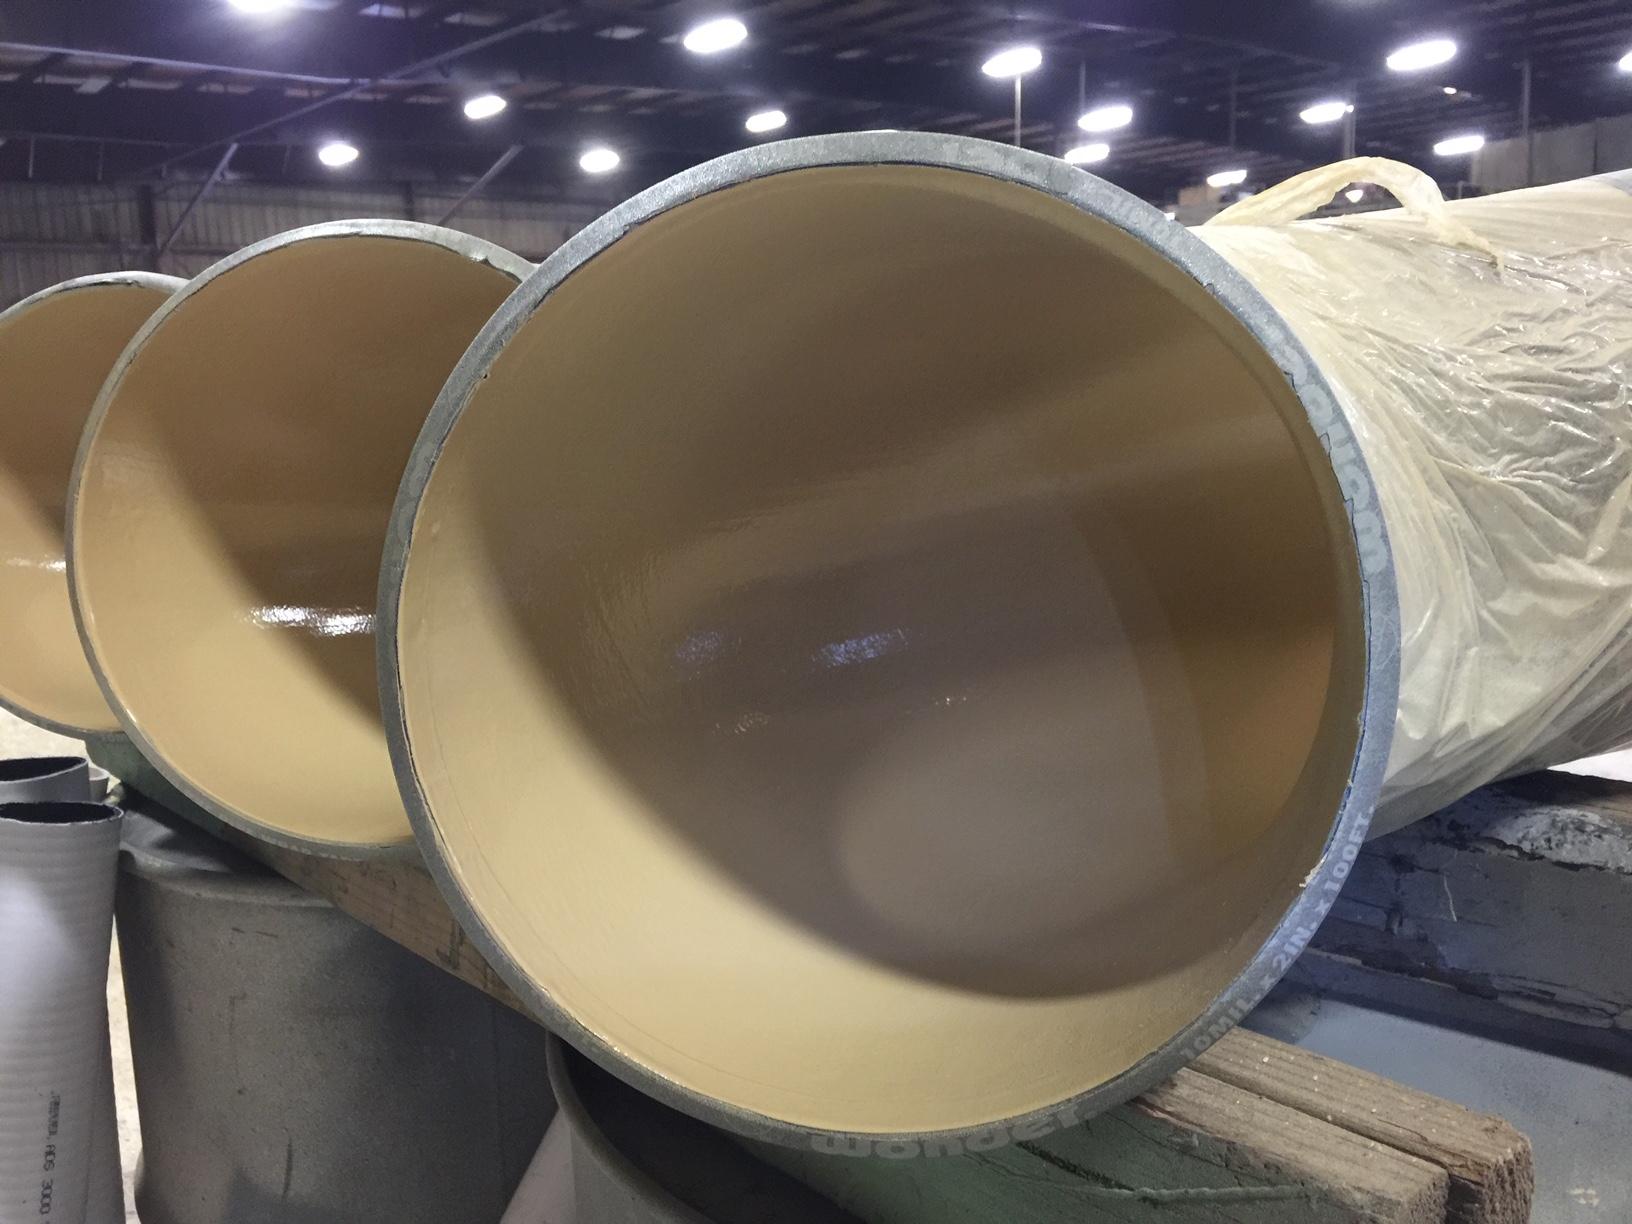 Pipeline Coatings Pipe Coatings Internal Pipe Liners Internal Pipe Coatings External Pipe Liners External Pipe Coatings Coatings for Pipes High Temp Pipe Coatings Heat Resistant Pipe Coatings Chemical Resistant Pipe Coatings Heat and Chemical Resistant Pipe Coatings